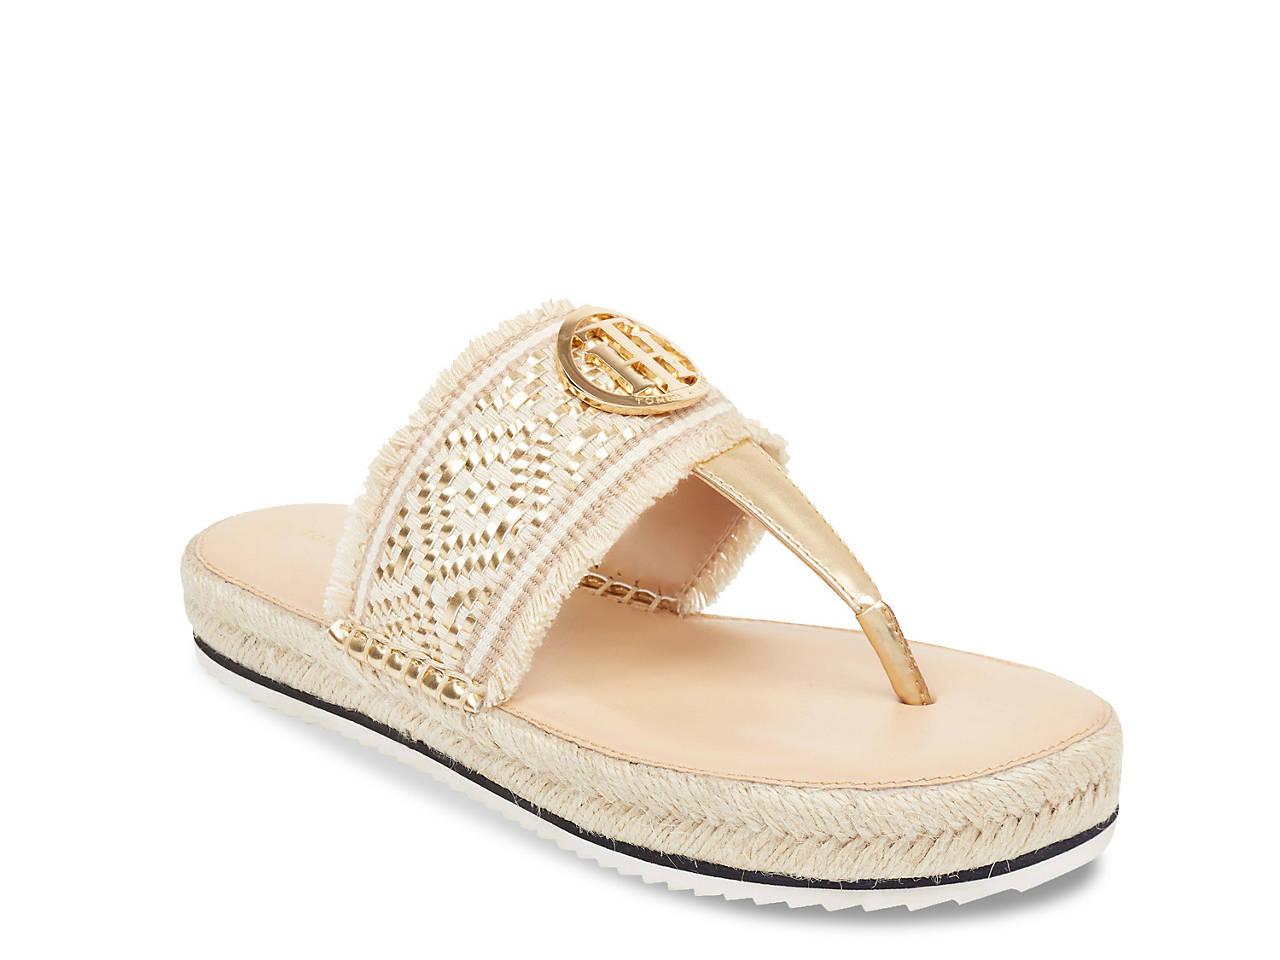 f3569203d43 Tommy Hilfiger Nazia Espadrille Sandal Men s Shoes